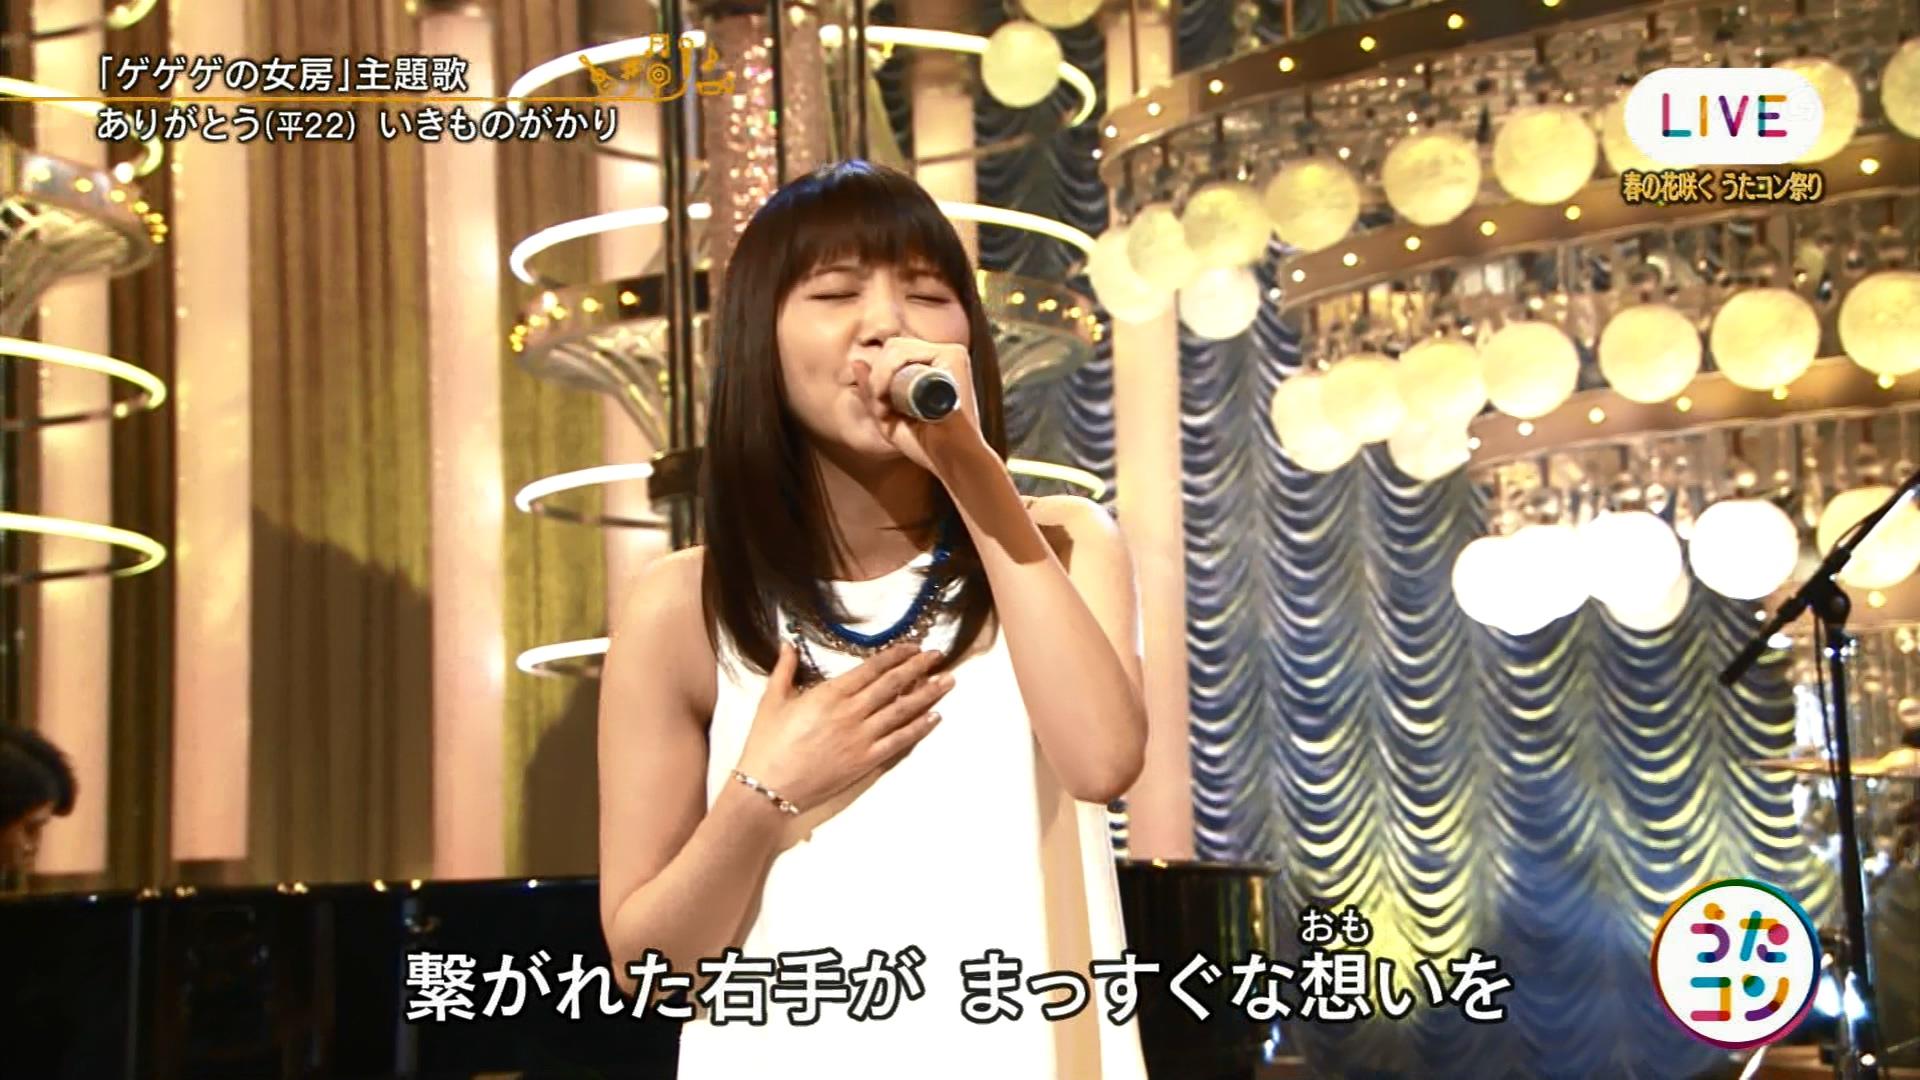 2016.04.12 全場(うたコン).ts_20160412_205101.509